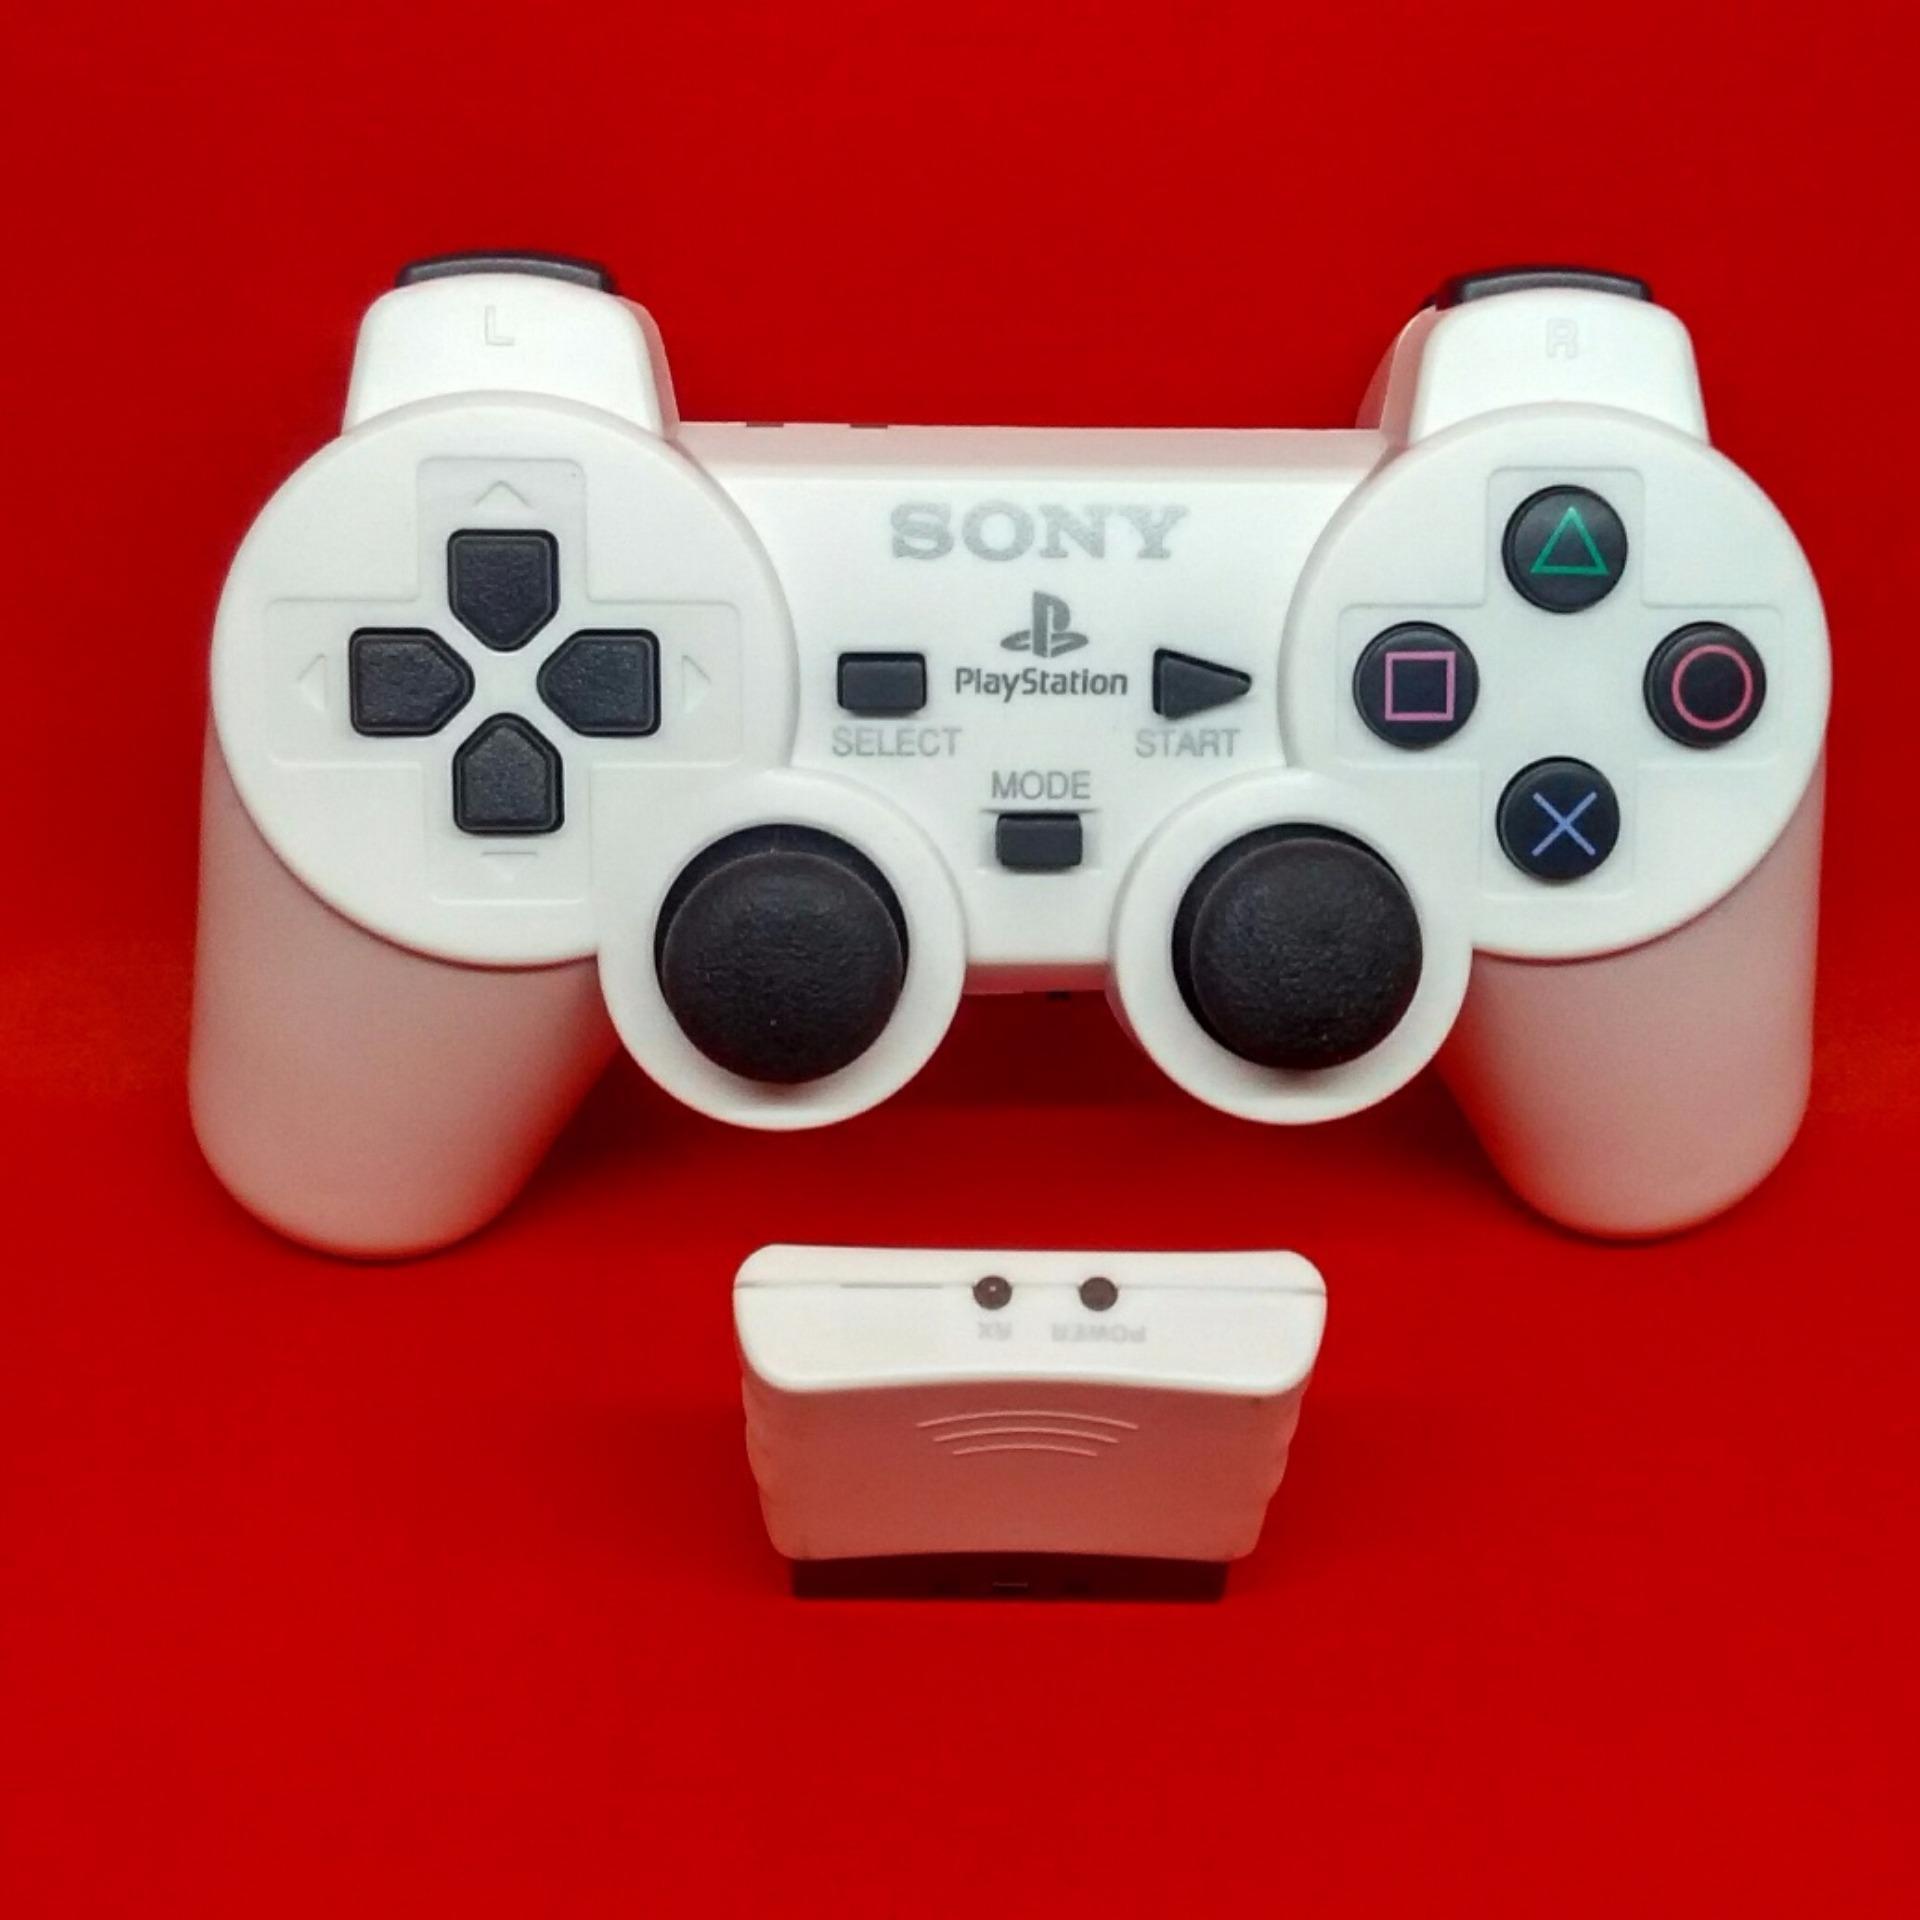 Gemütlich Playstation 2 Controller Kabel Zeitgenössisch - Der ...